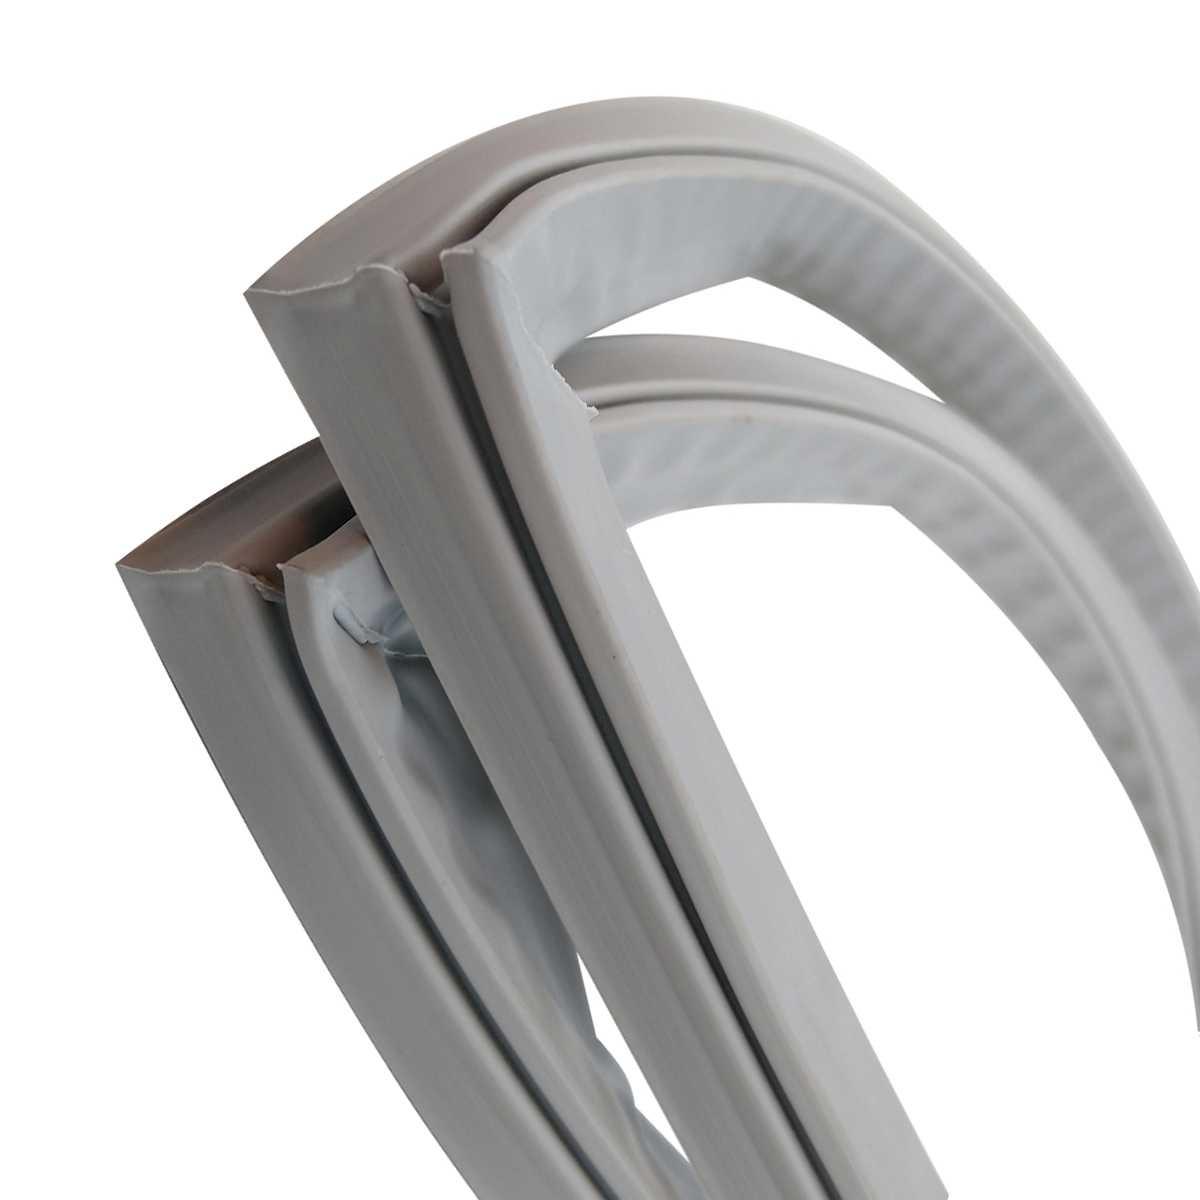 Gaxeta borracha Compativel geladeira Electrolux DC360 57X47